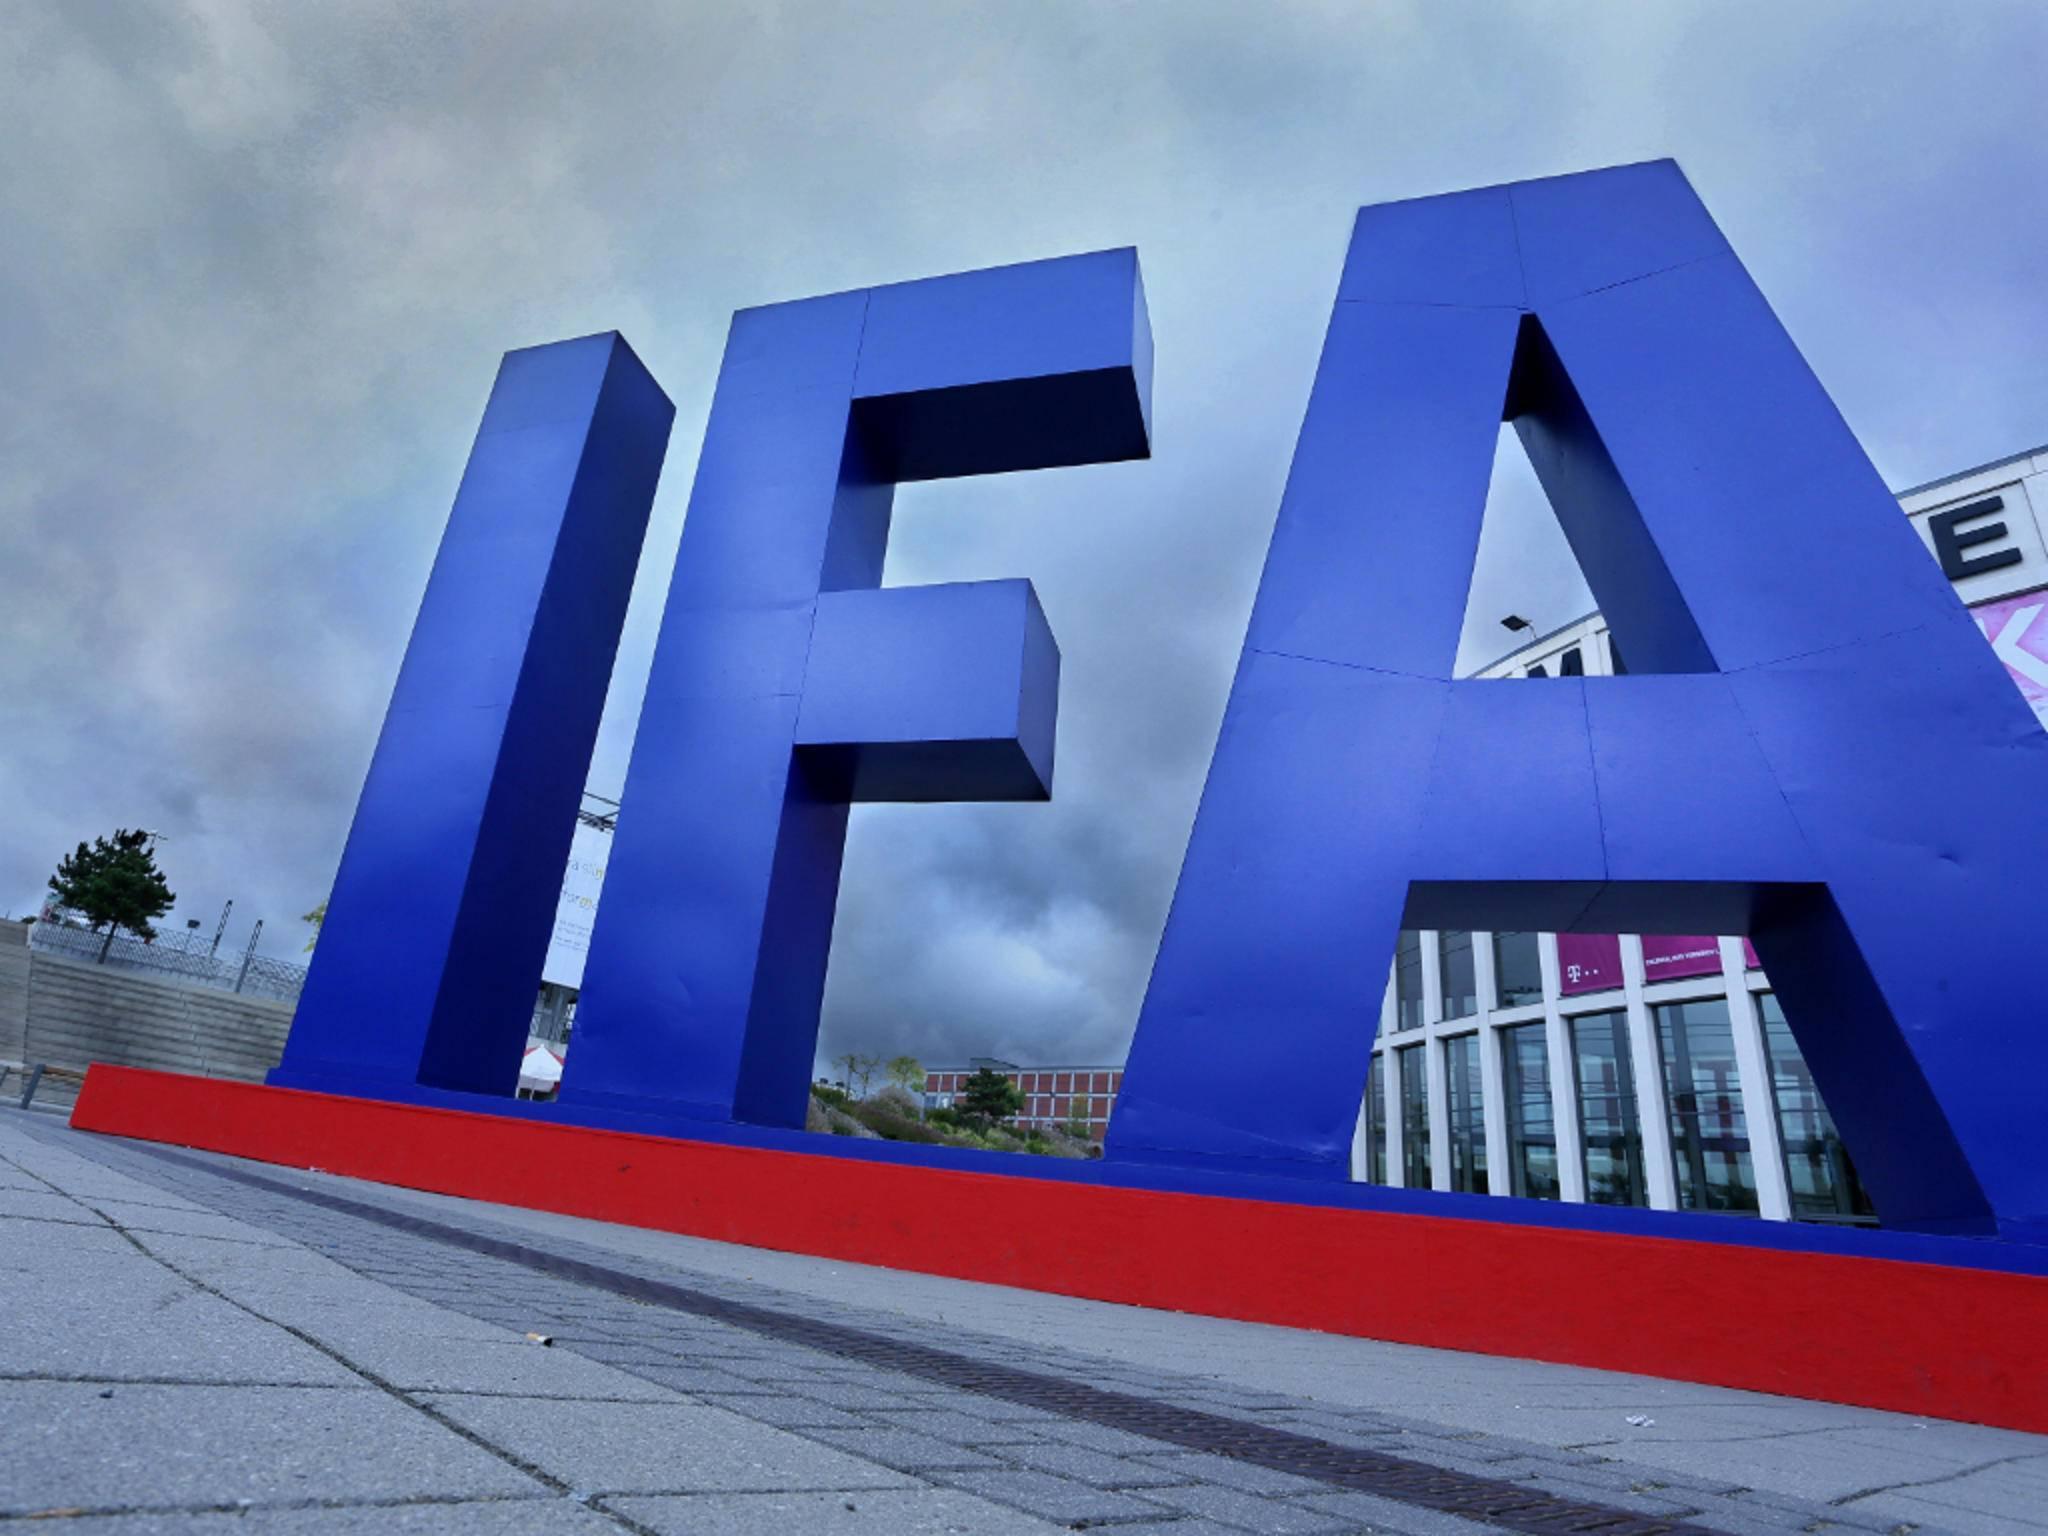 Die IFA findet jedes Jahr in Berlin statt.